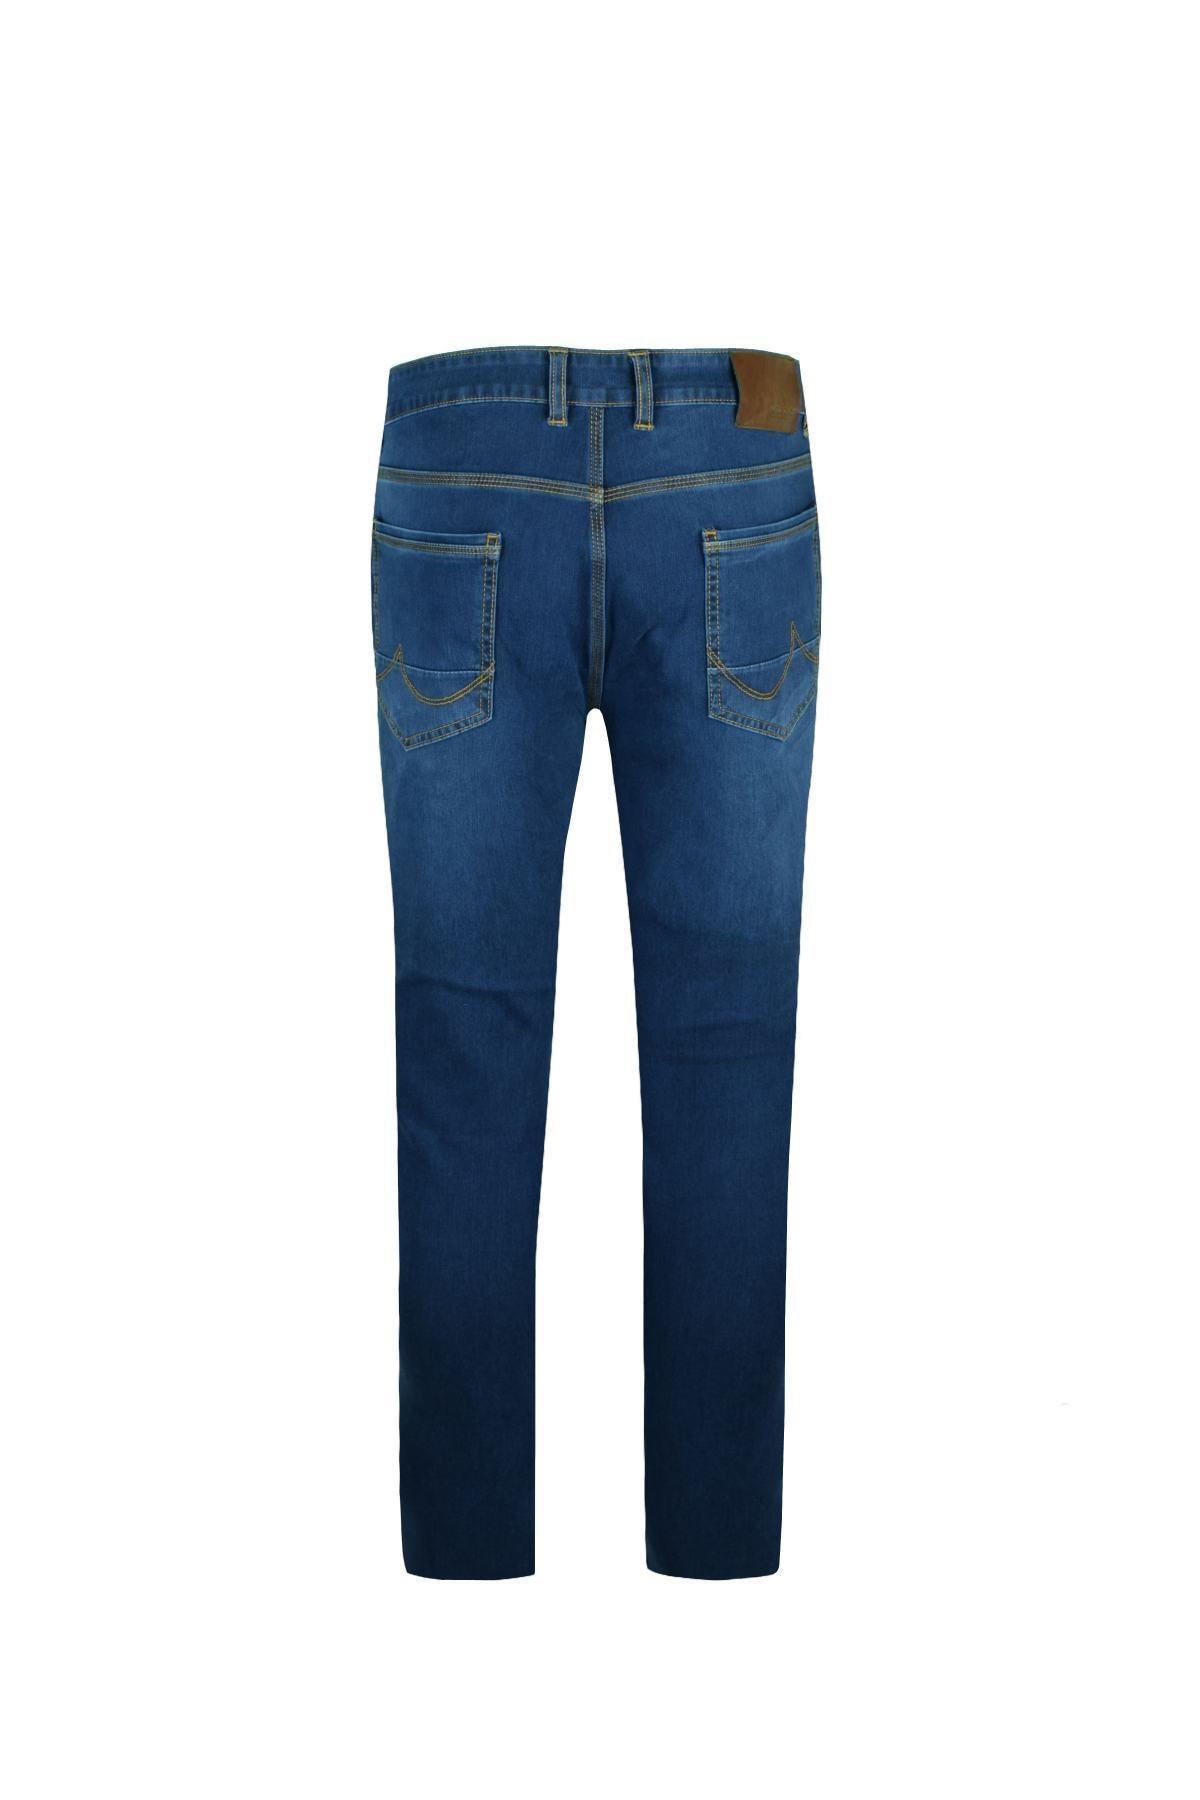 LUCCİO Erkek Slimfit Mavi Comfort Likralı Bilek Paça Denim Pantolon 2